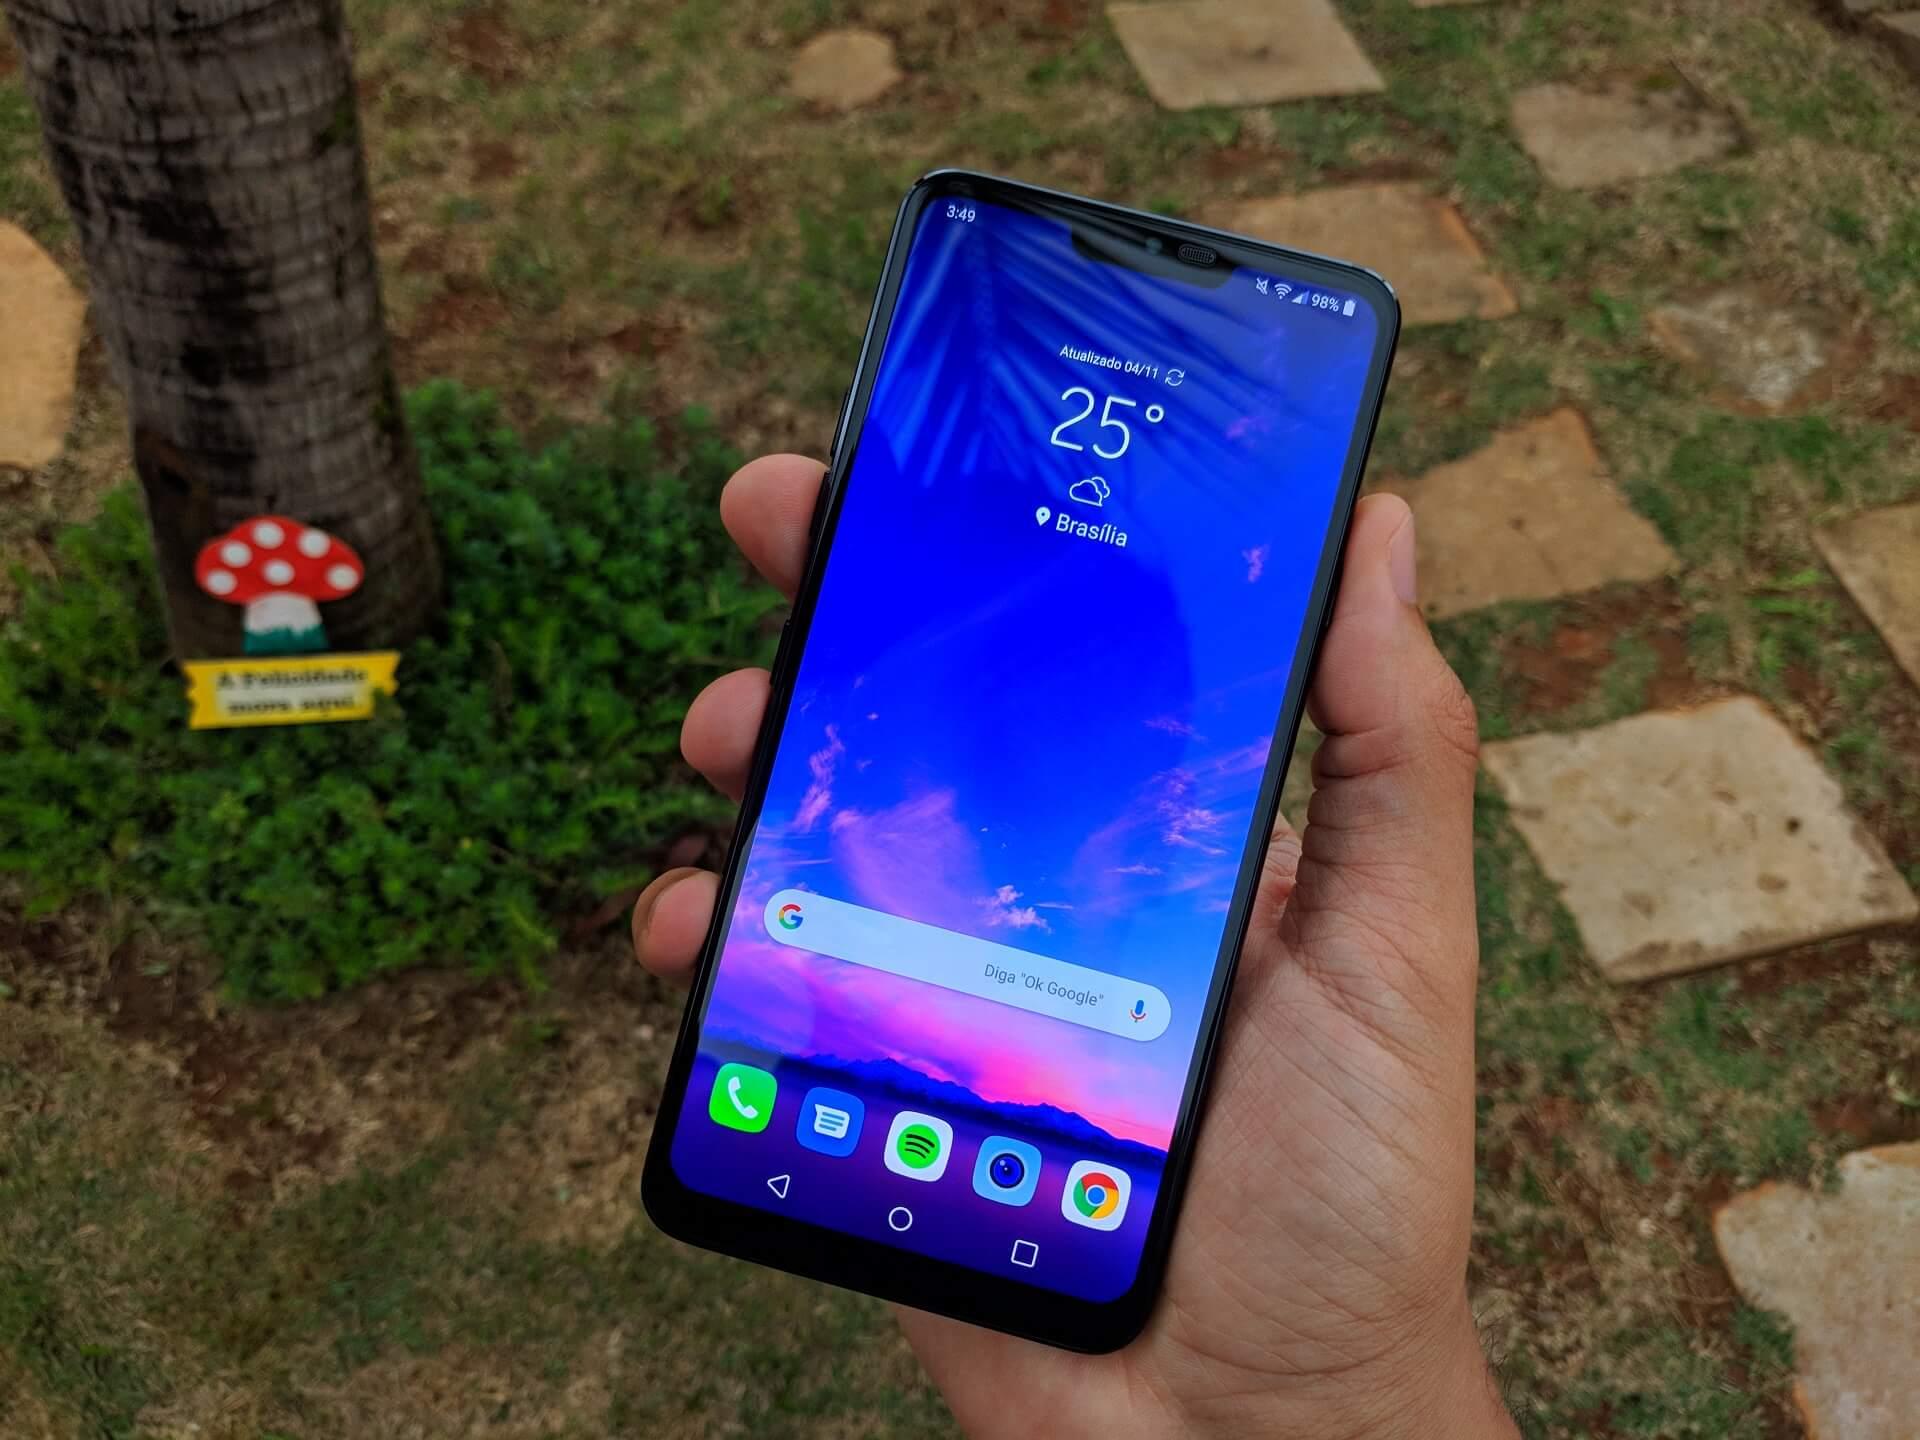 IMG 20181107 164906 - REVIEW: LG G7 ThinQ, um smartphone racional e de ótimo custo-benefício